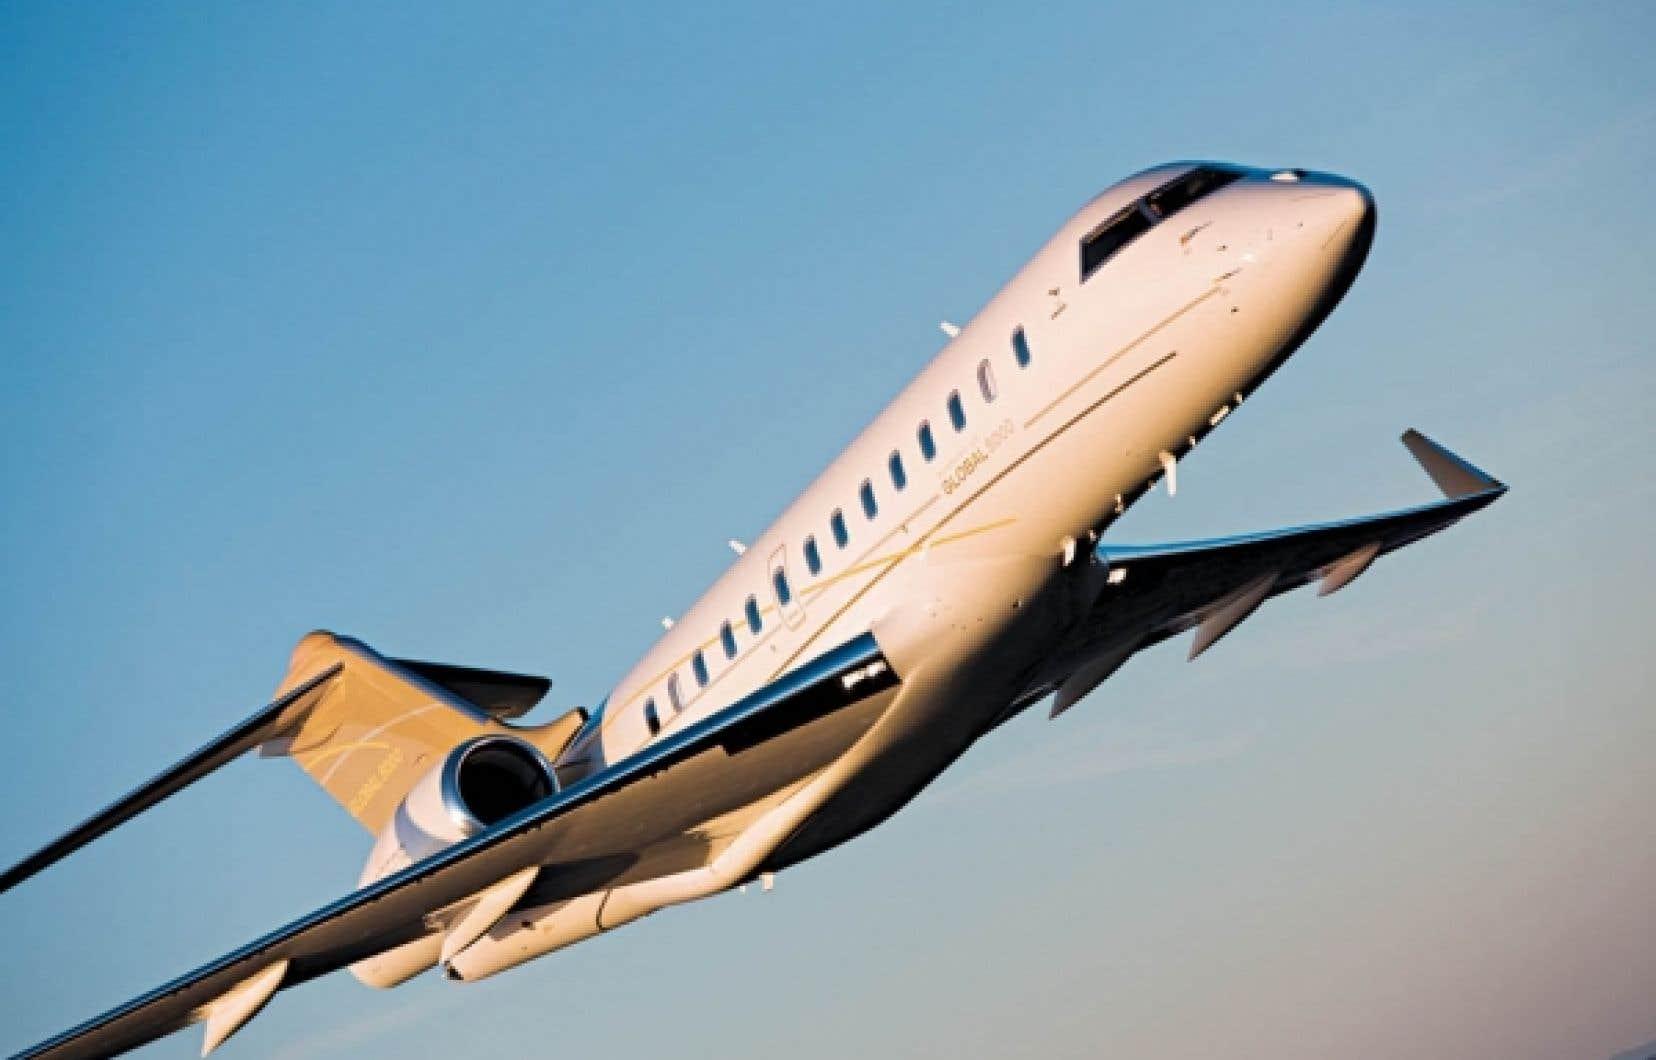 Le Global 5000 Vision, de Bombardier<br />